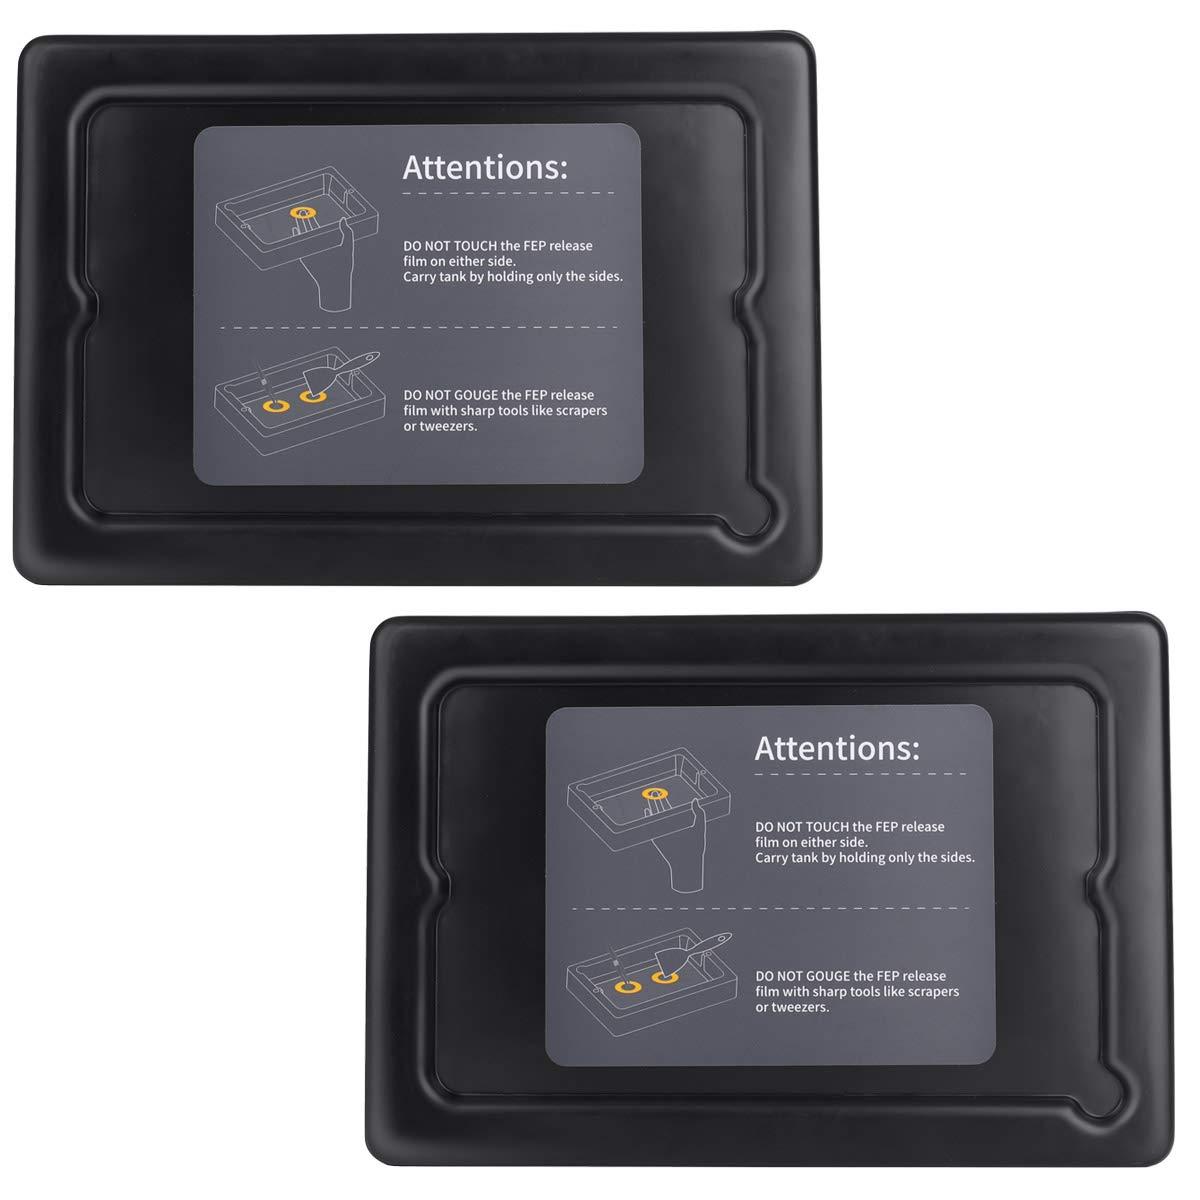 ELEGOO 2 PCS Plástico Tanques de Resina para Impresora 3D ELEGOO Mars con 2 PCS Tapas y Películas FEP Preinstaladas, Compatibles con Anycubic Photon, Photon S y Epax X1